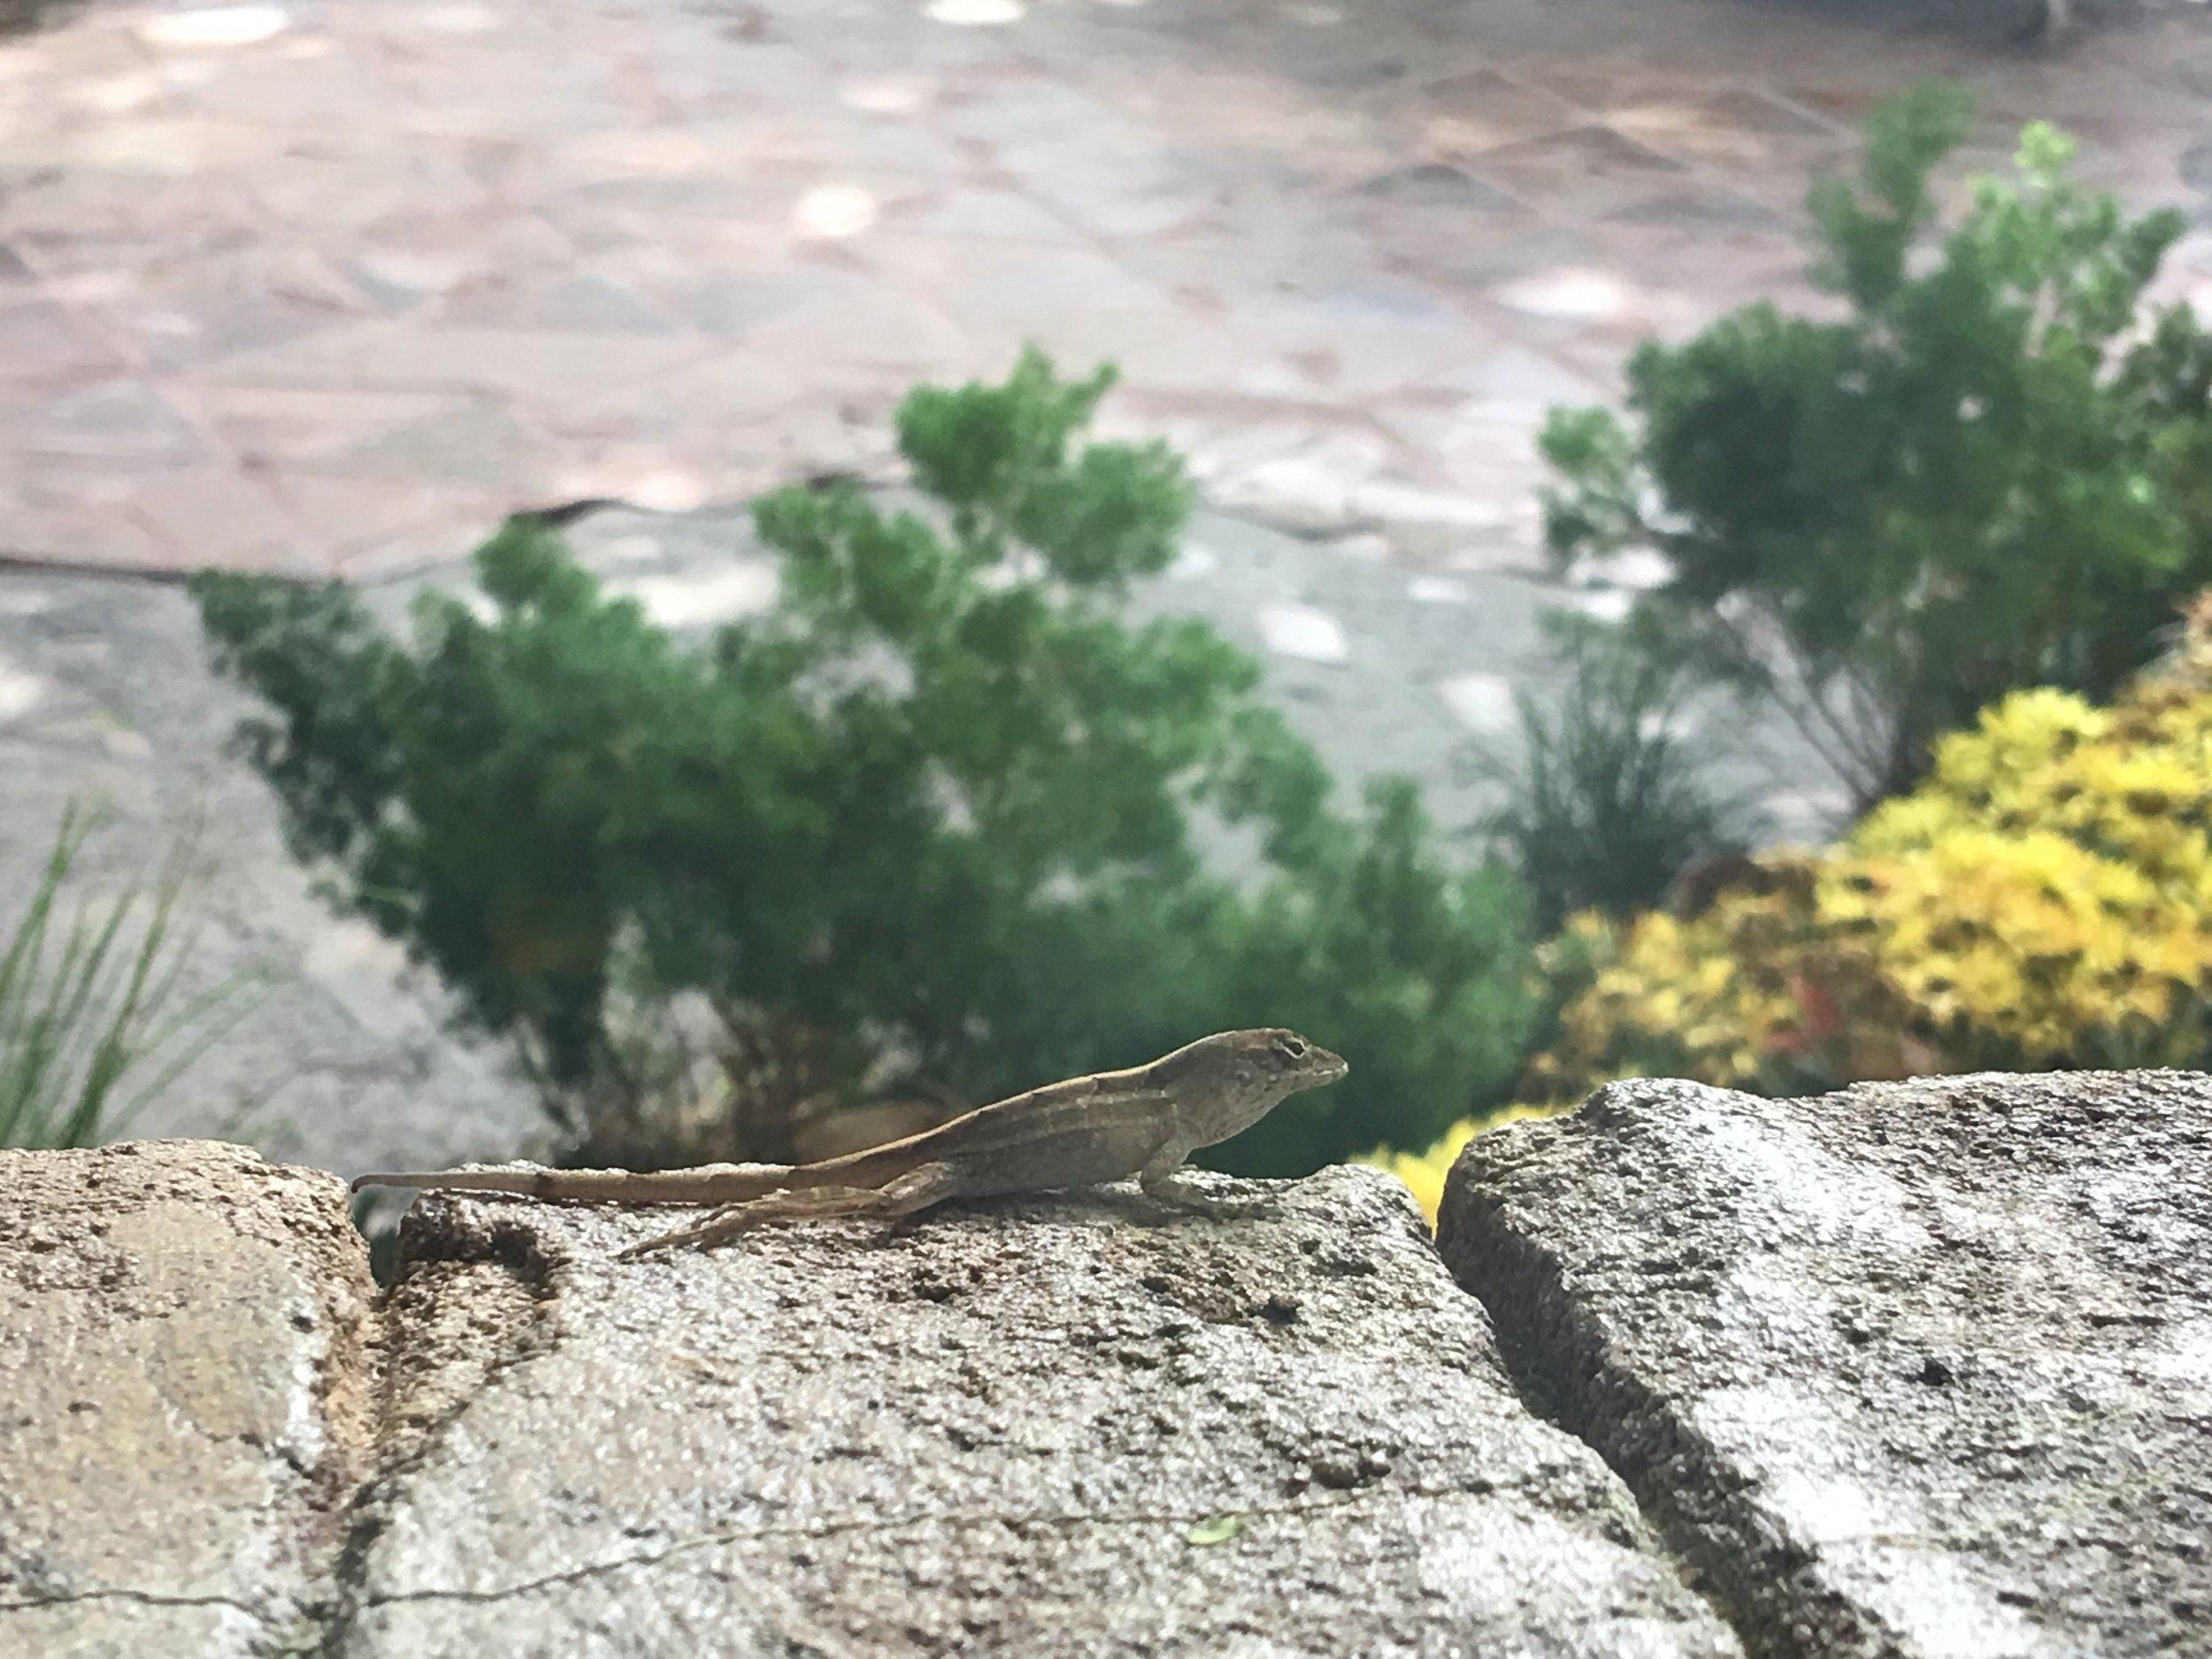 A little friend.